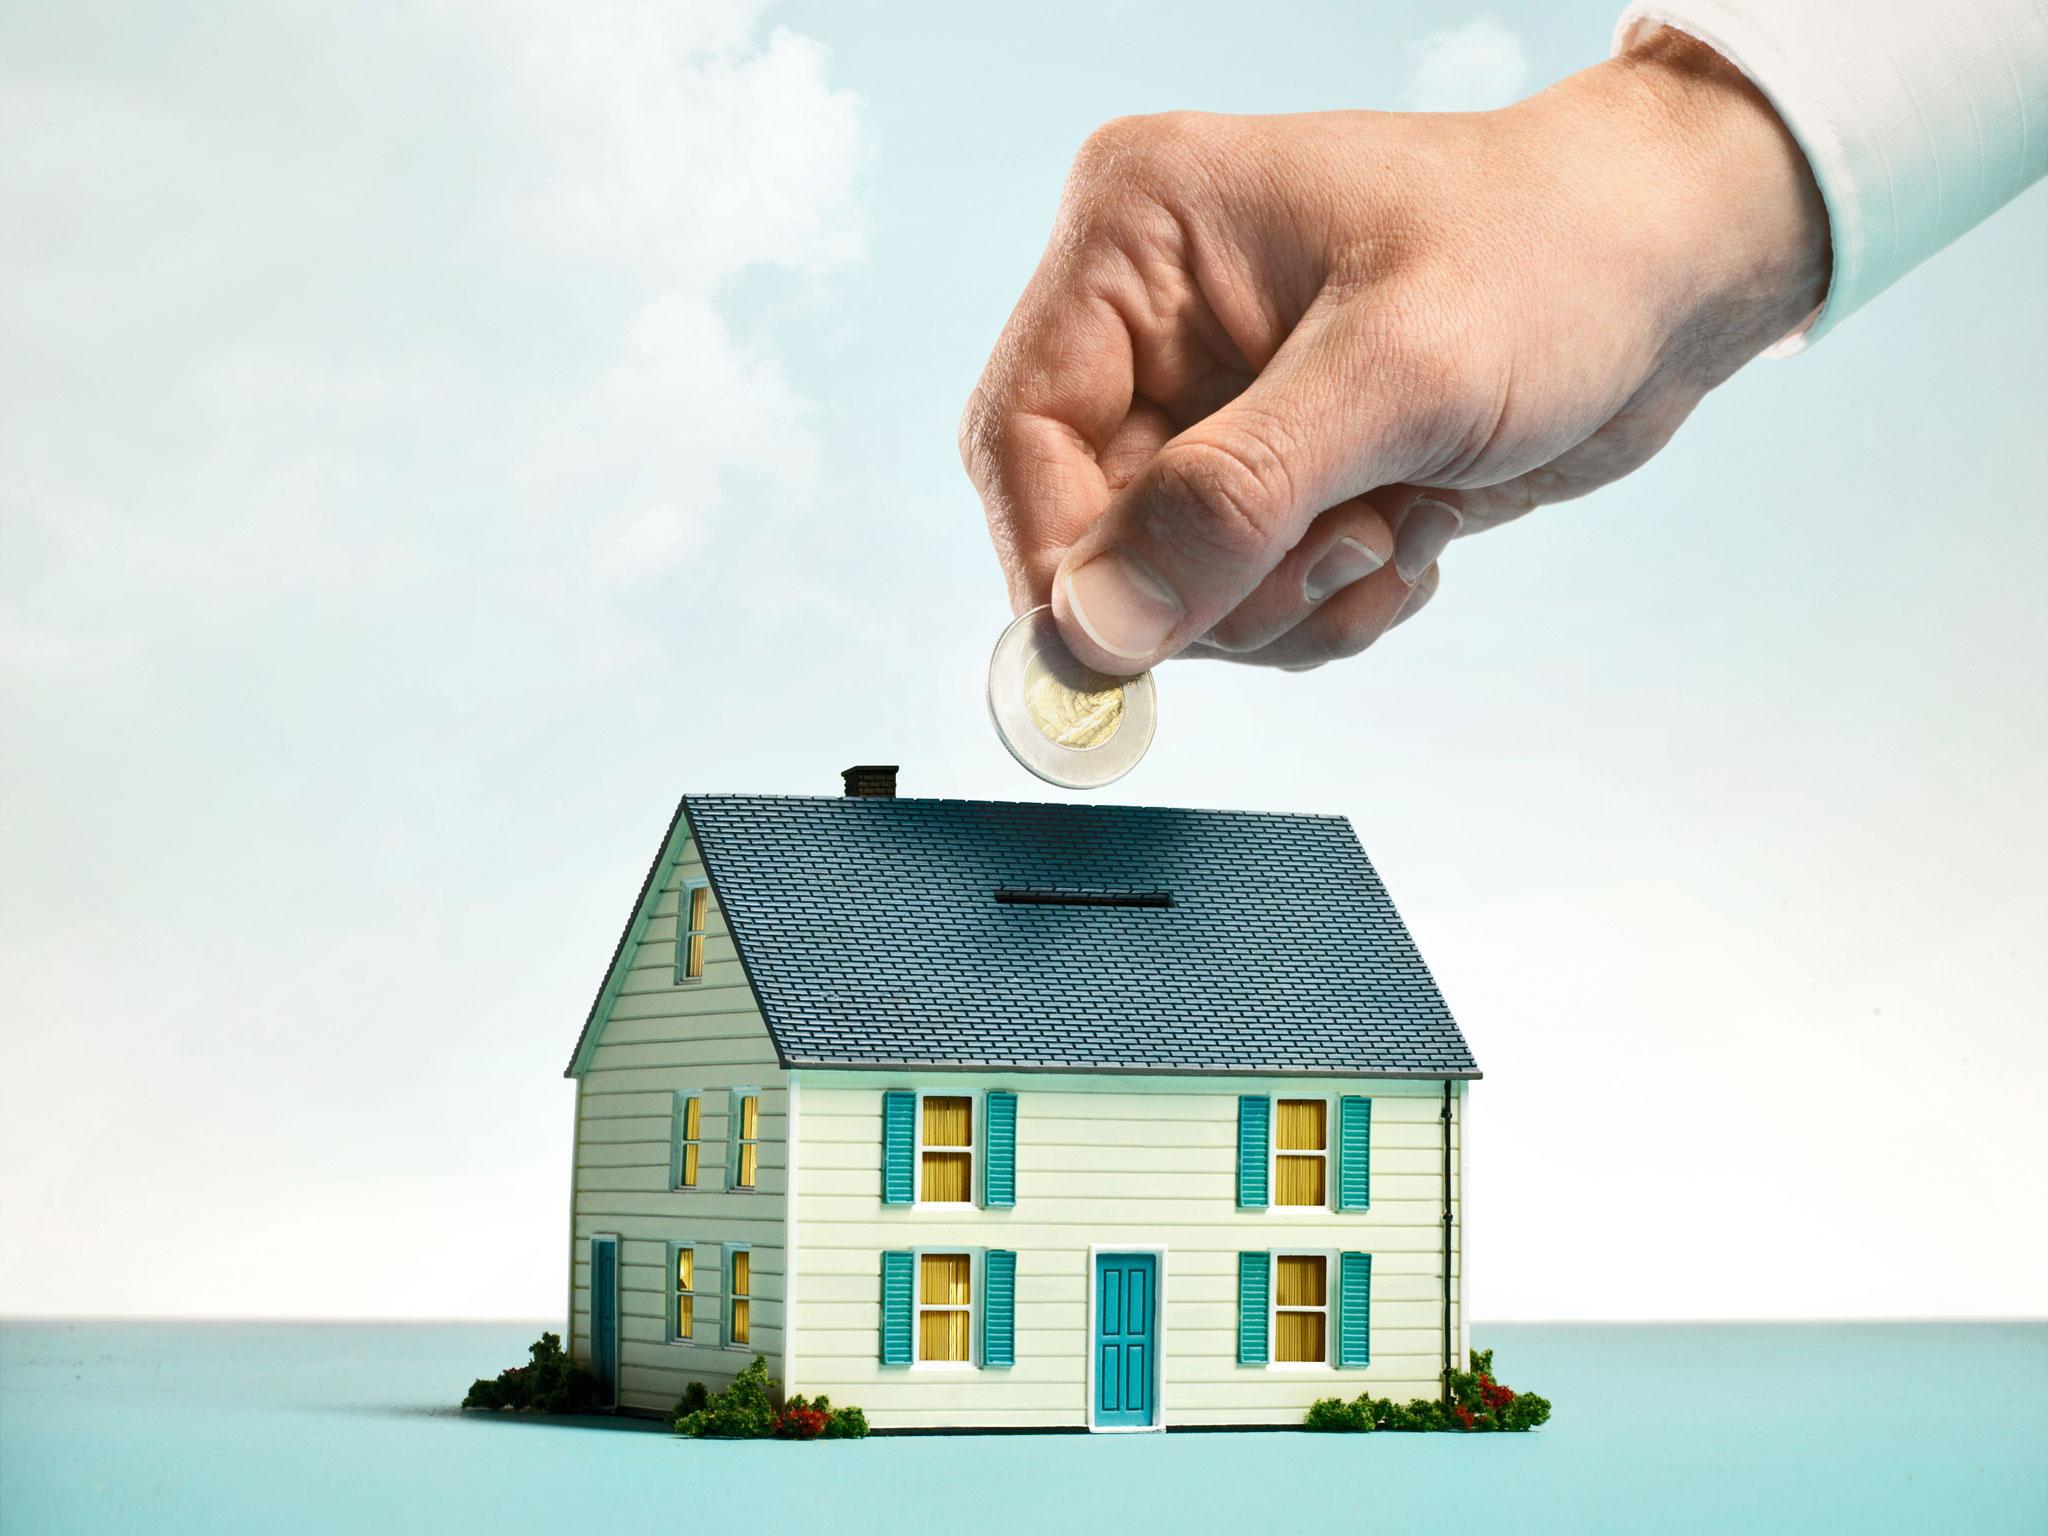 жилое помещение как объект недвижимости